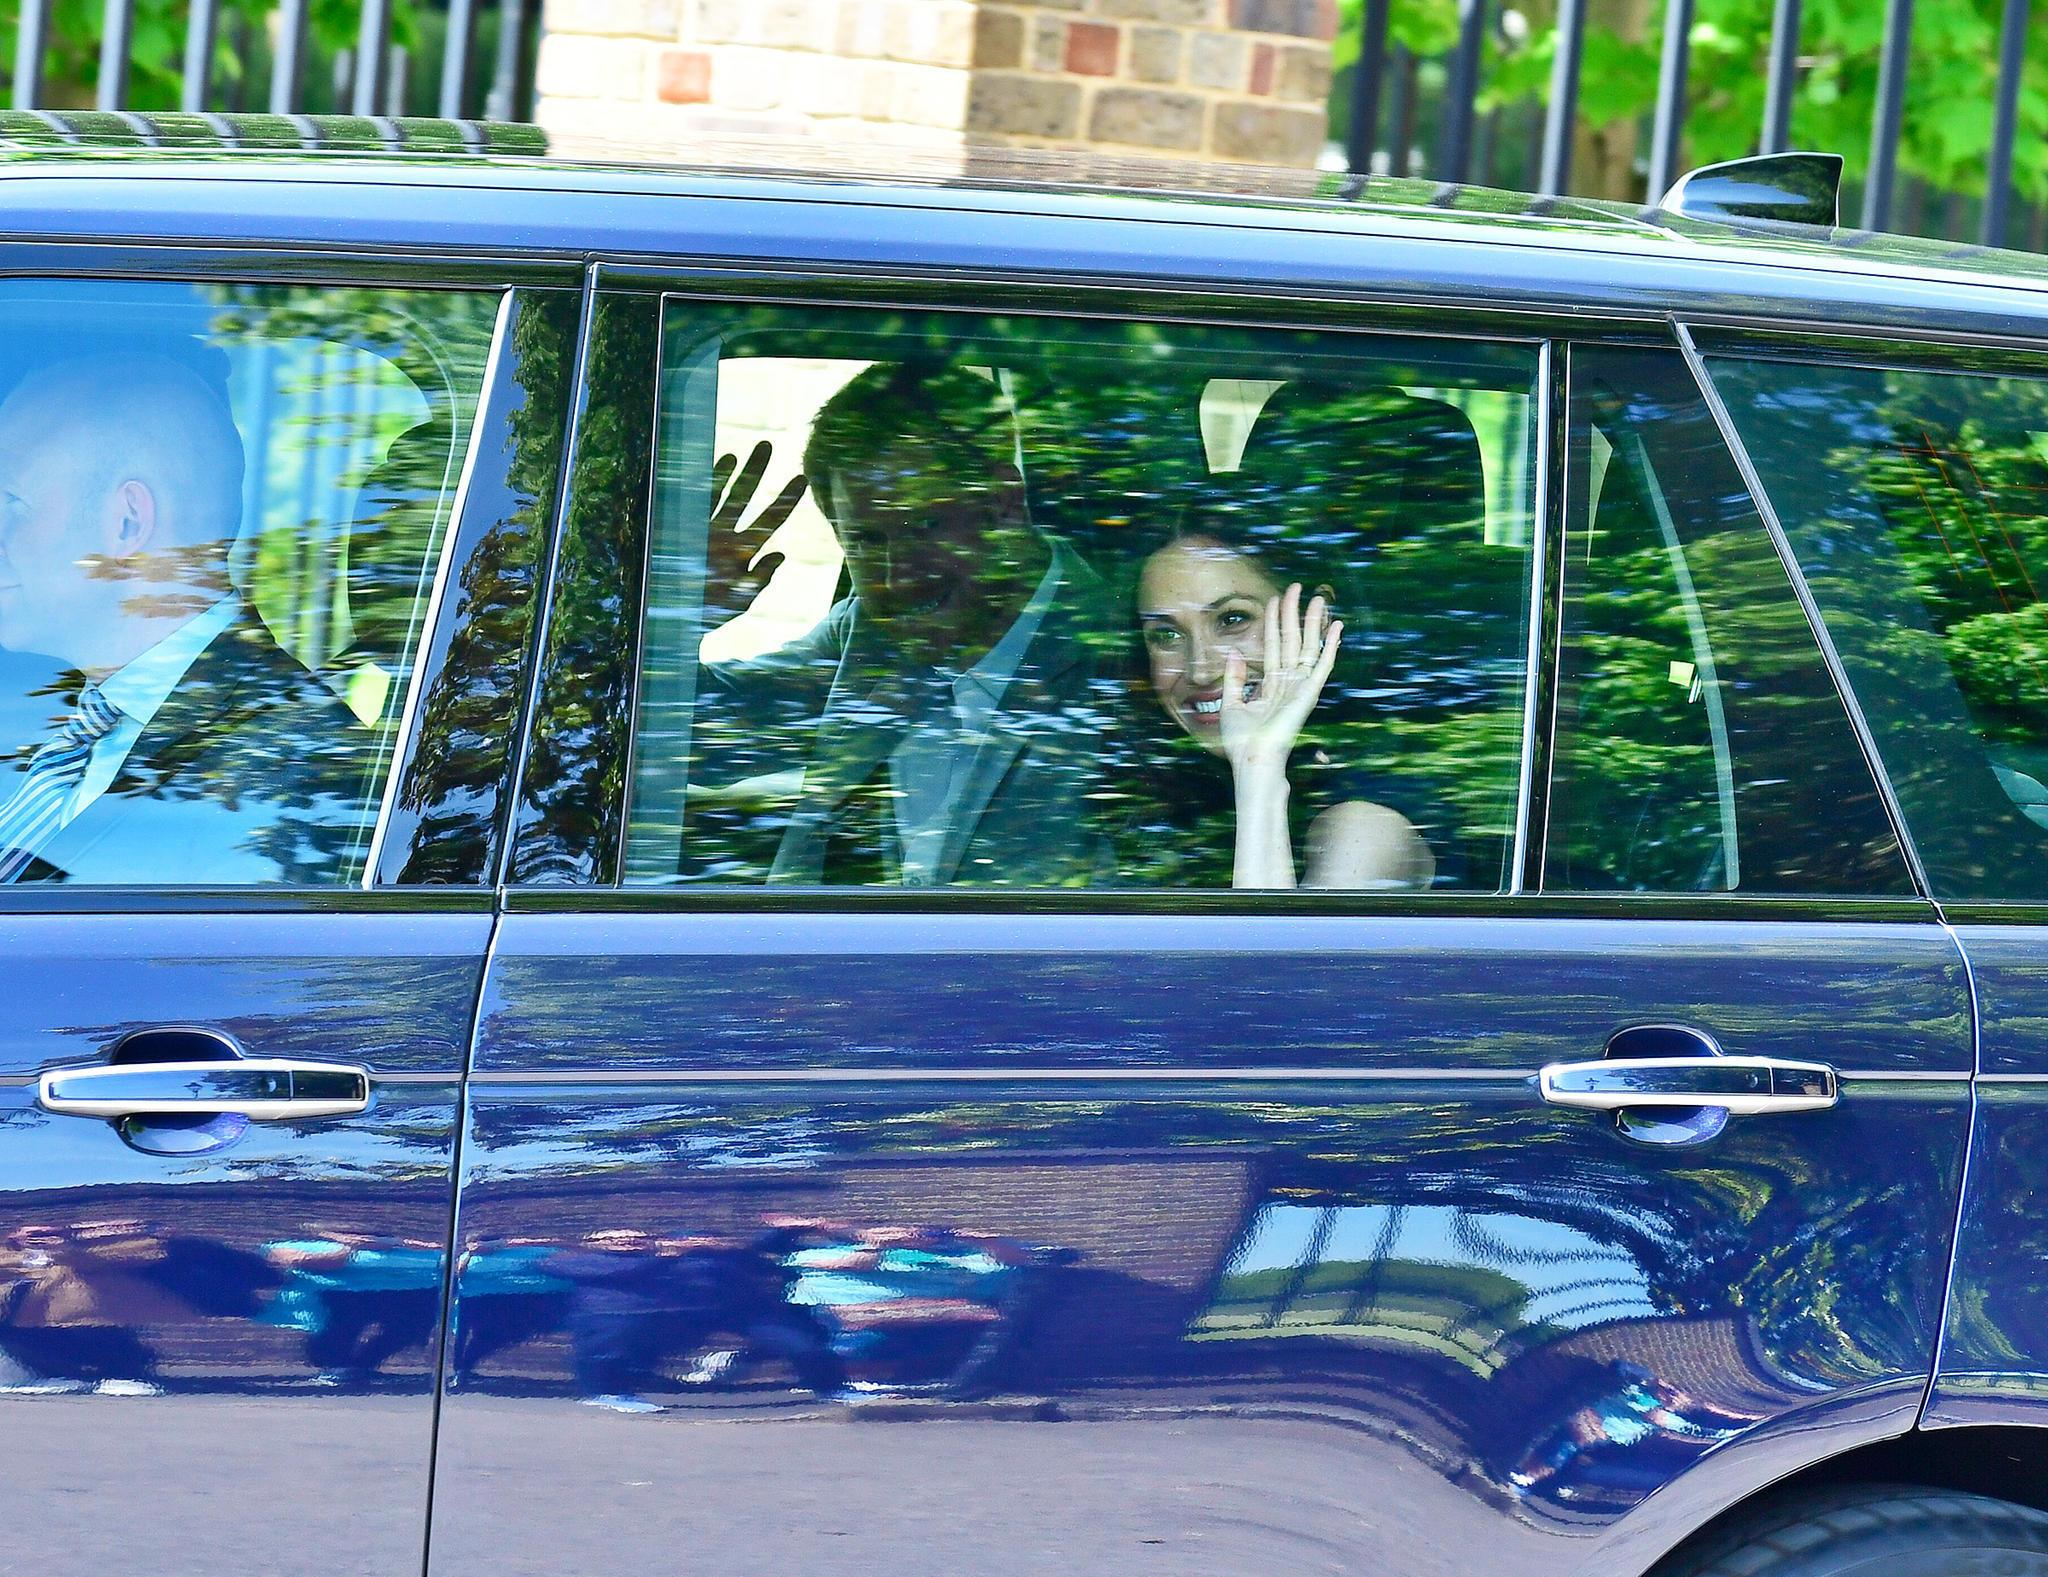 Winke, winke! Prinz Harry und Meghan Markle verlassen den Kensington Palast. Ziel: Windsor Castle. Dort geht es zur Teestunde mit Queen Elizabeth. Auch Meghans Mutter Dorial Ragland wird dabei sein